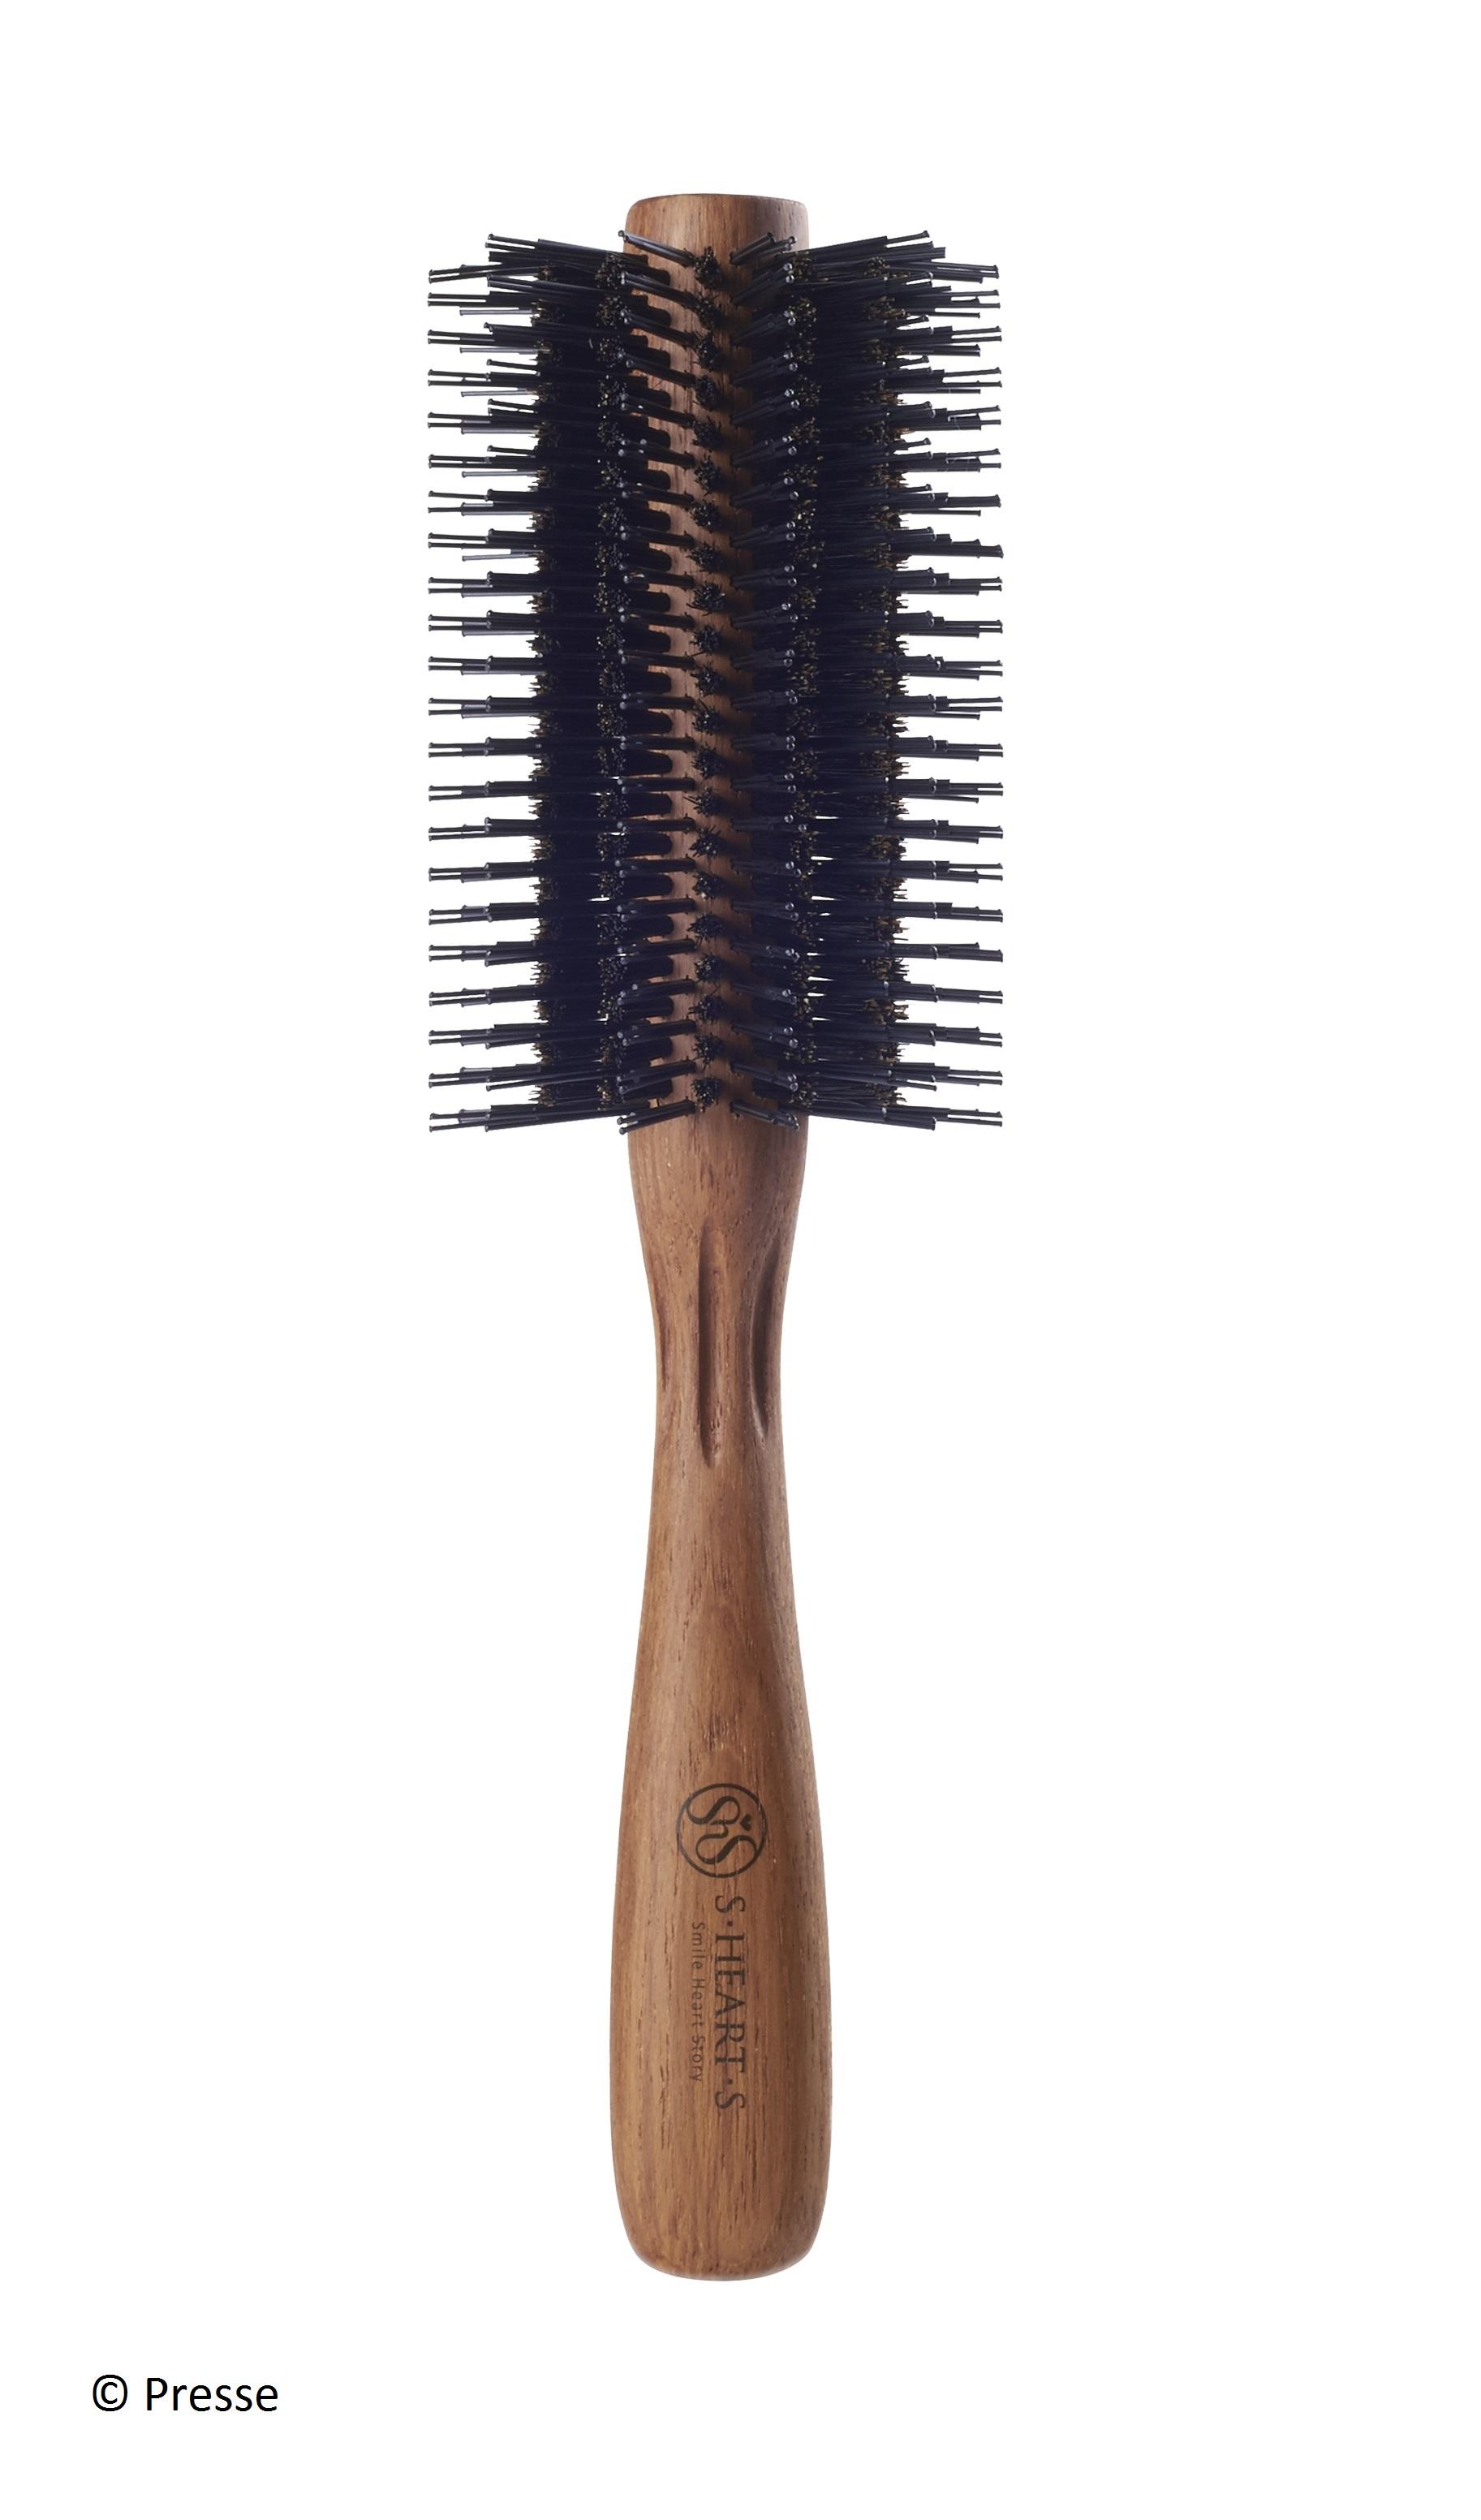 scalp brush tout savoir sur la brosse cheveux japonaise scalp brush de s hearts s elle. Black Bedroom Furniture Sets. Home Design Ideas